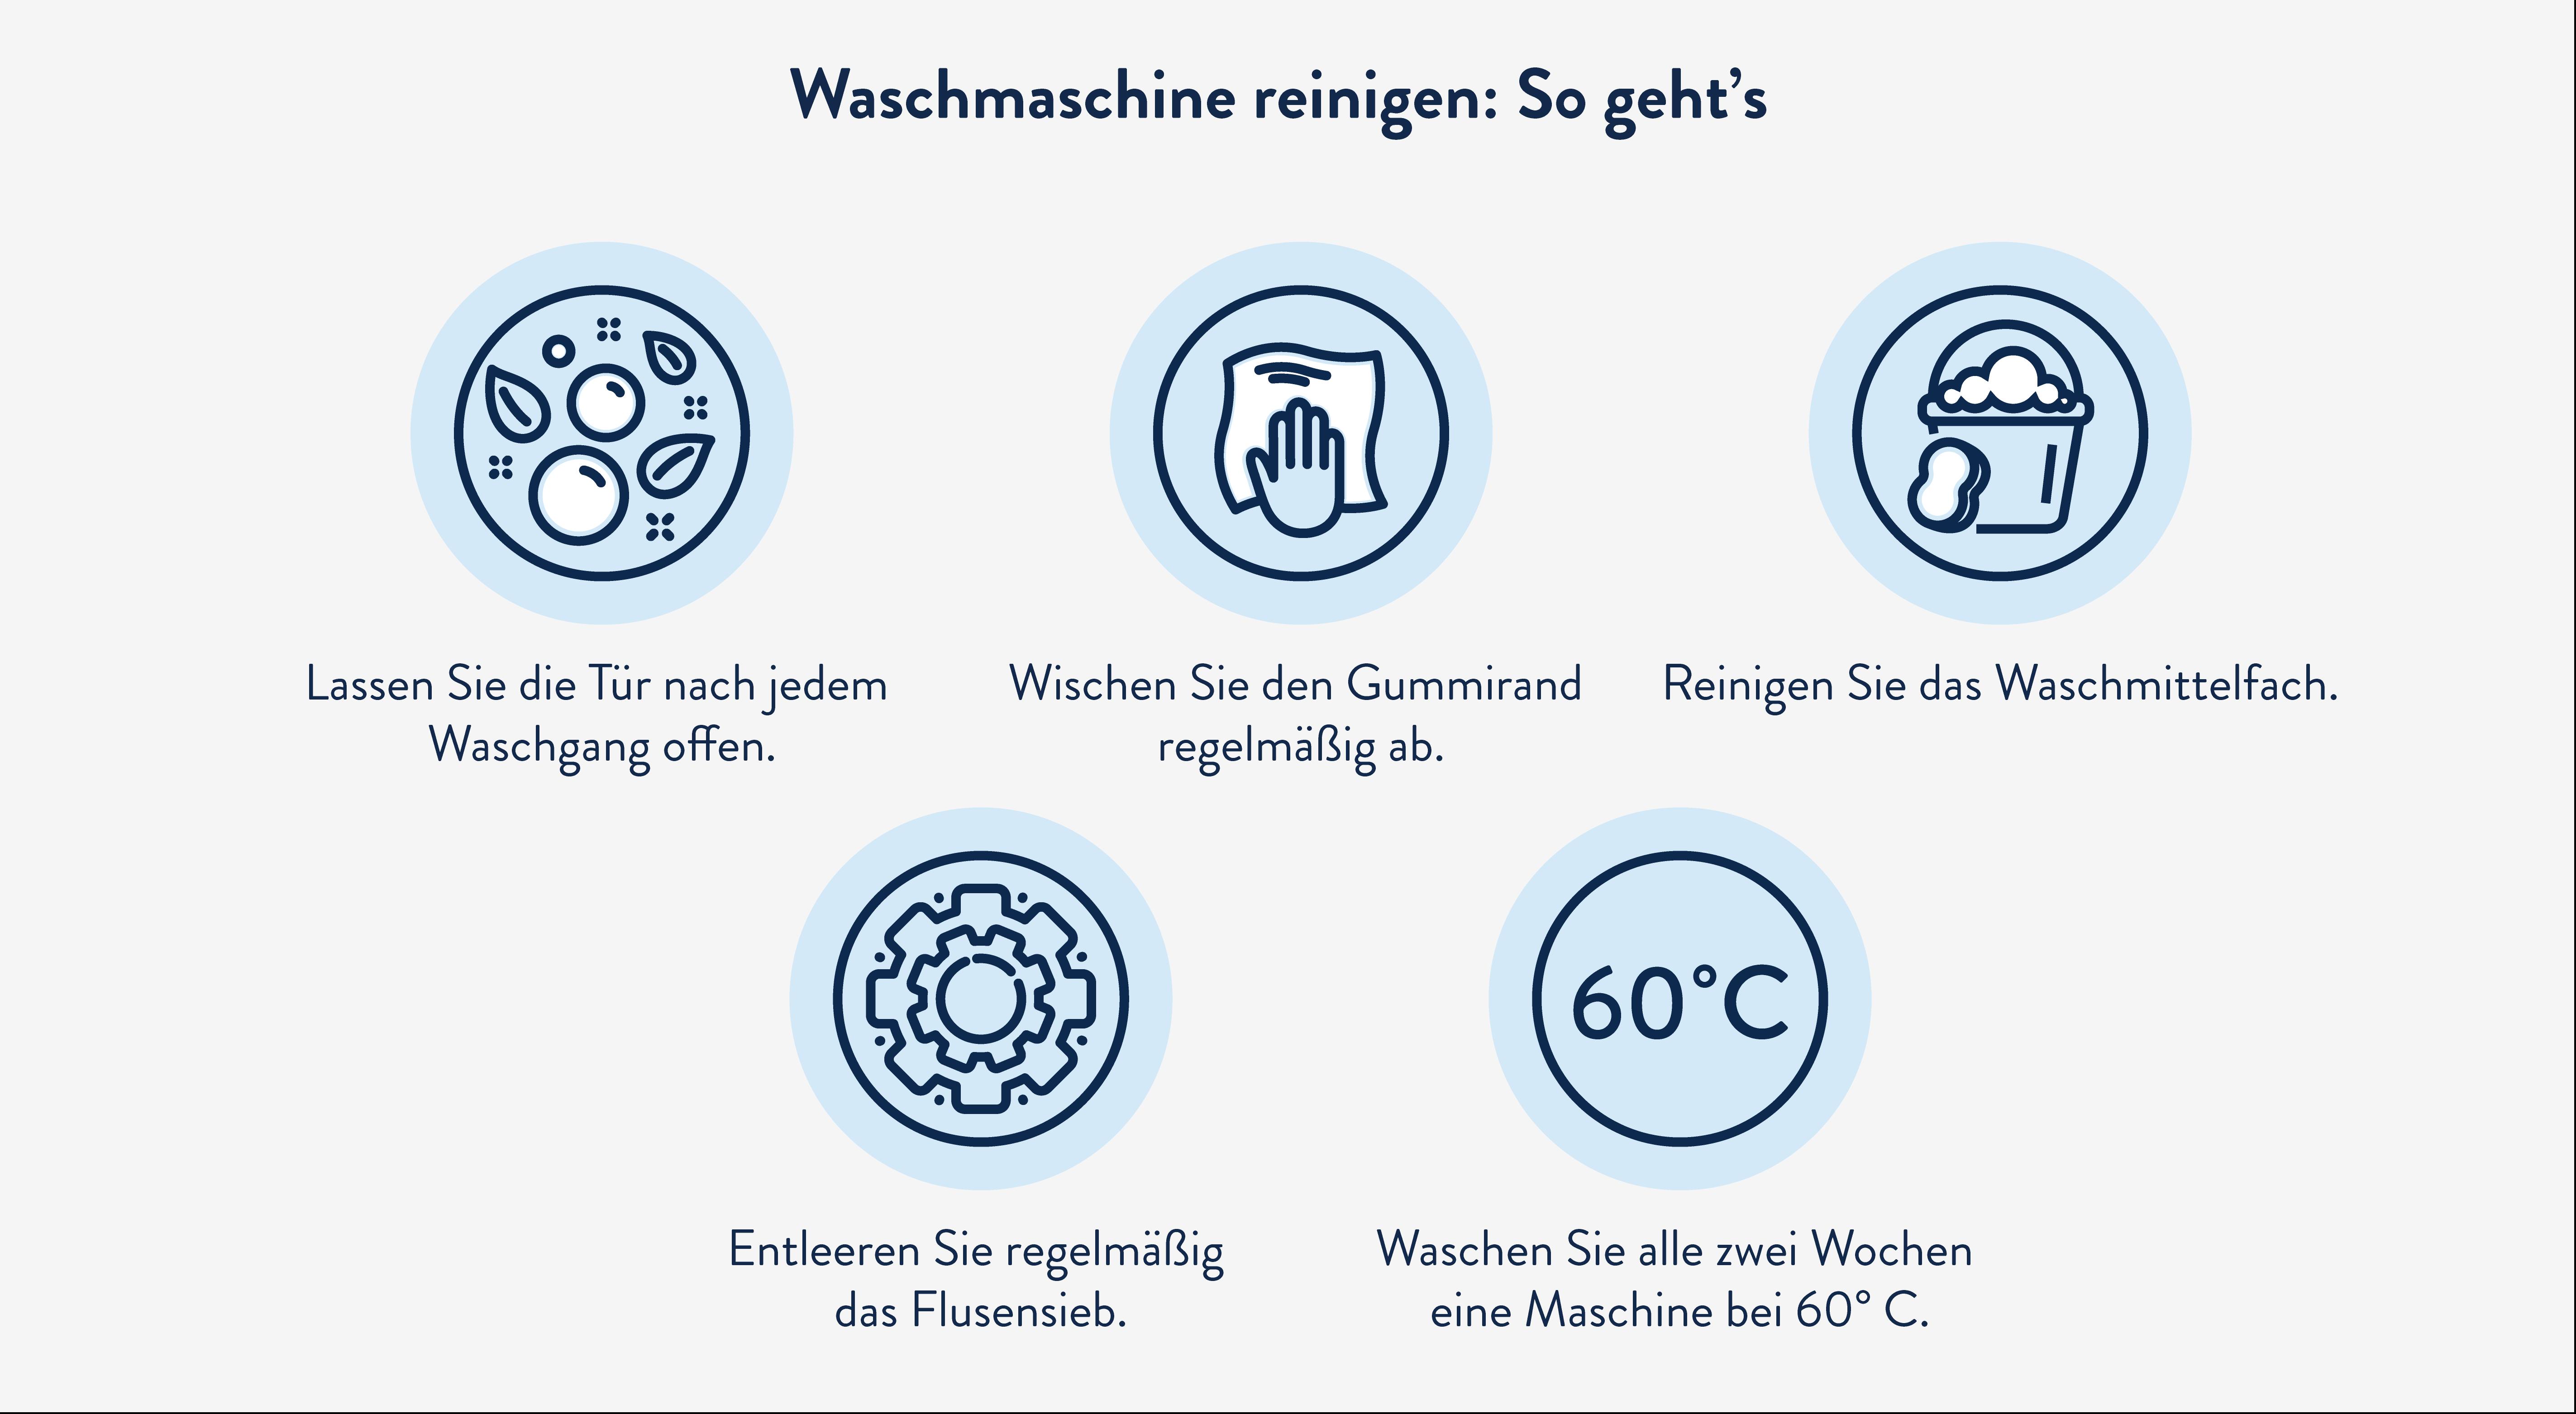 Waschmaschine reinigen: Wie oft und bei welcher Temperatur?